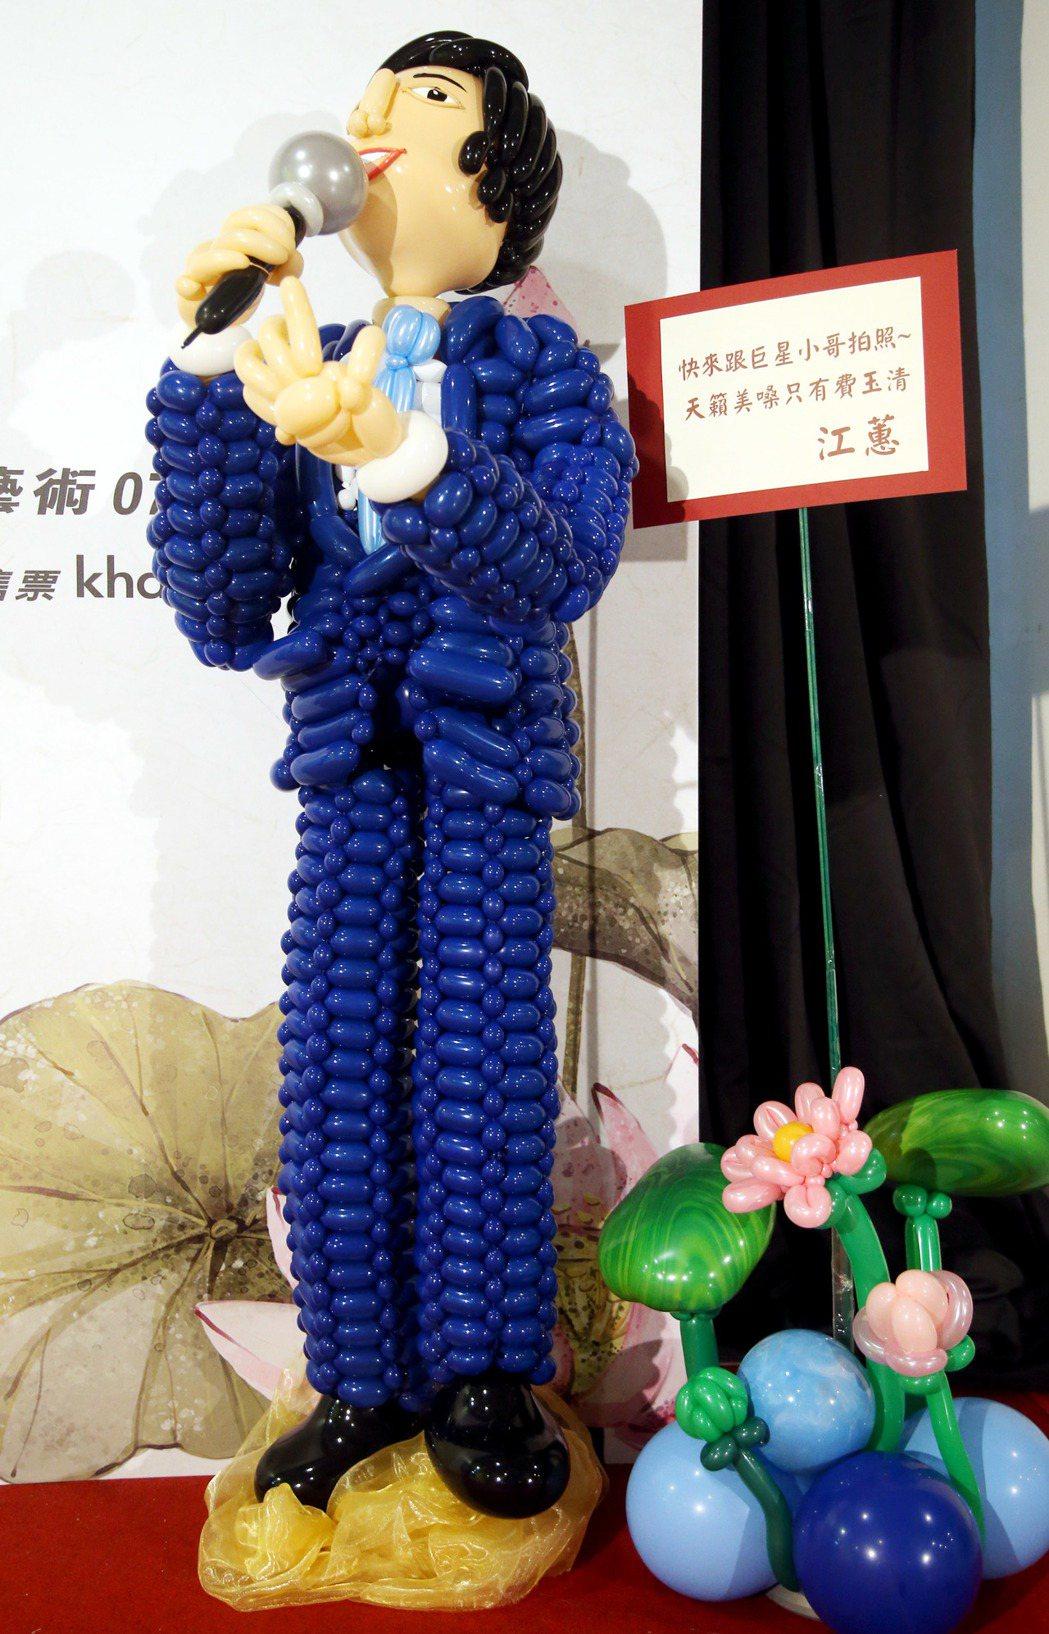 「歌壇長青樹」費玉清在台北小巨蛋開唱,江蕙送上費玉清造型氣球賀禮。記者屠蕙剛/攝